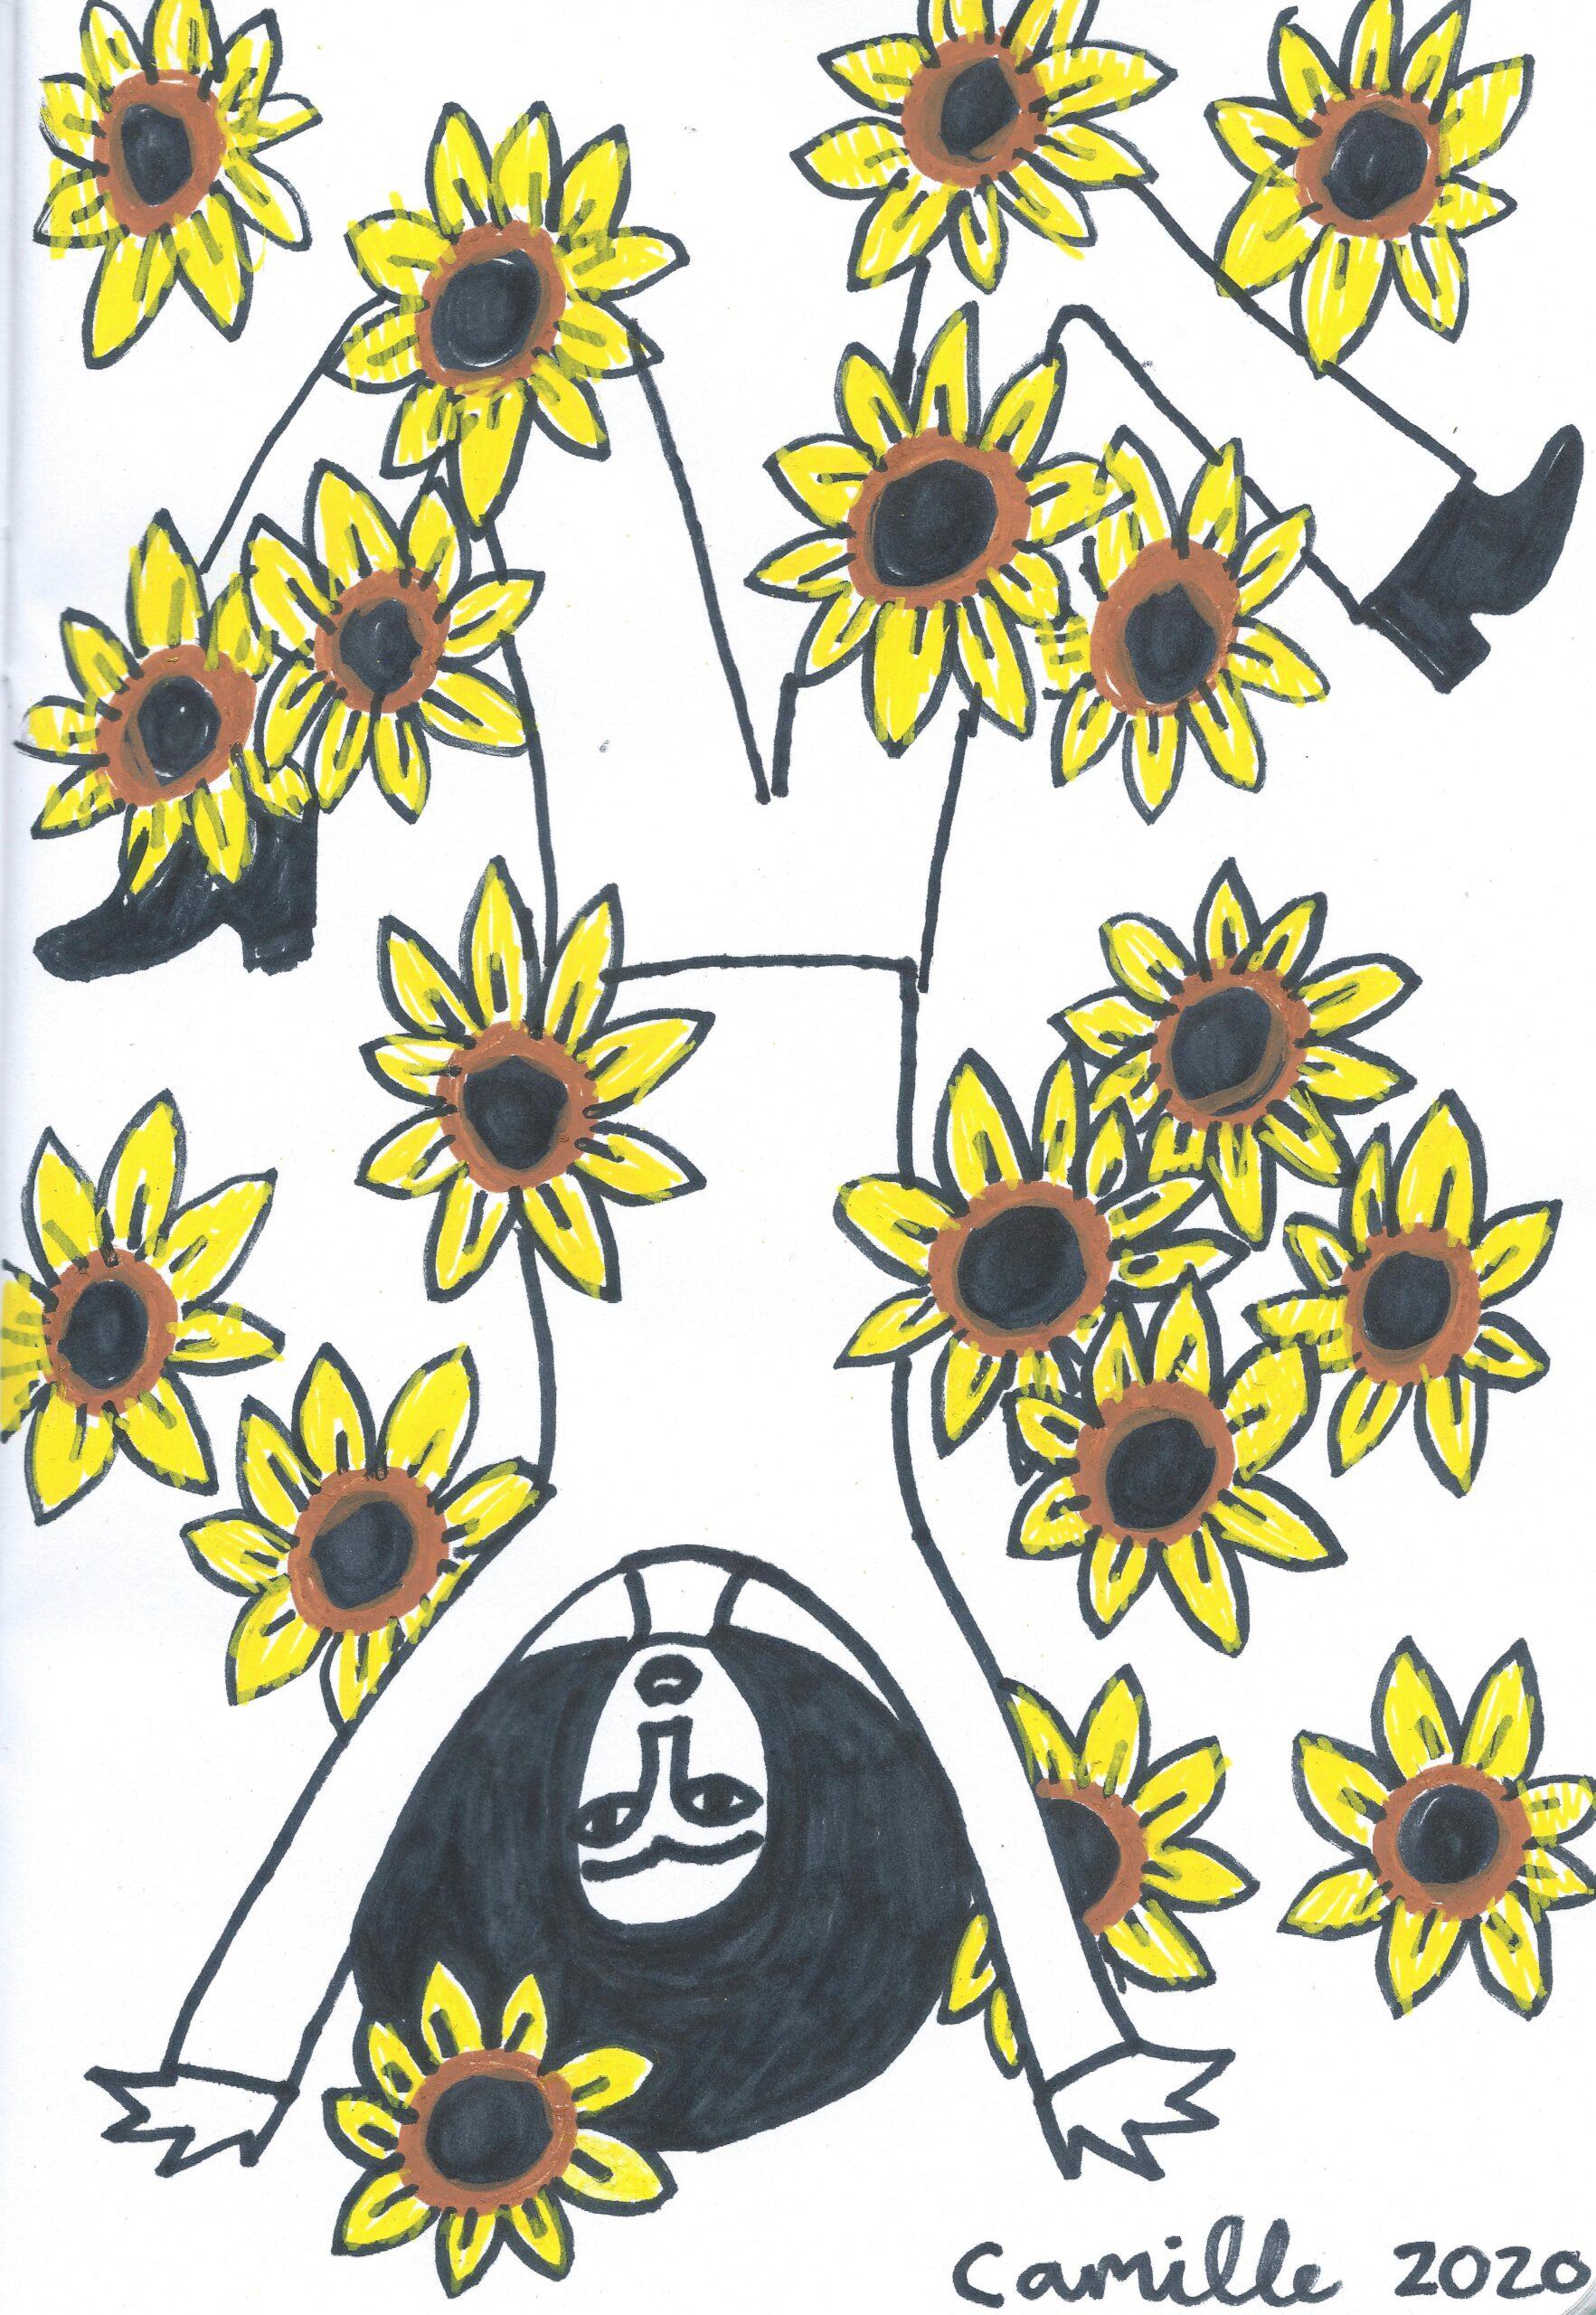 @ 2020, Camille Phoenix, Sunflower Series